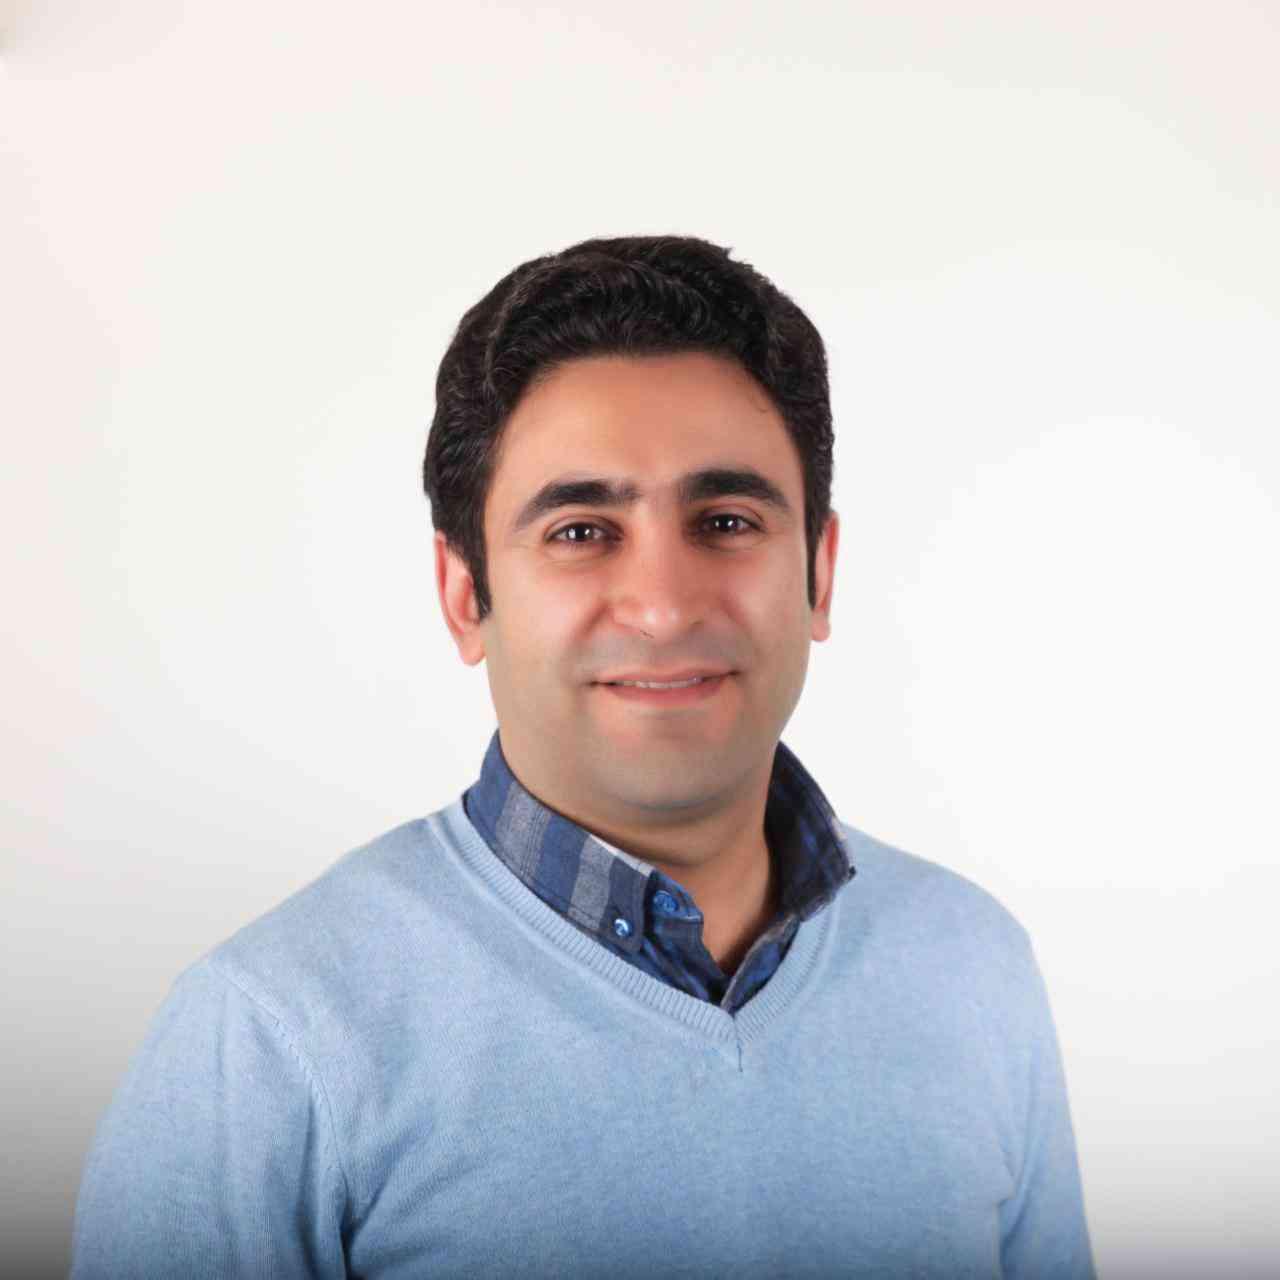 Mojtaba Zeinal